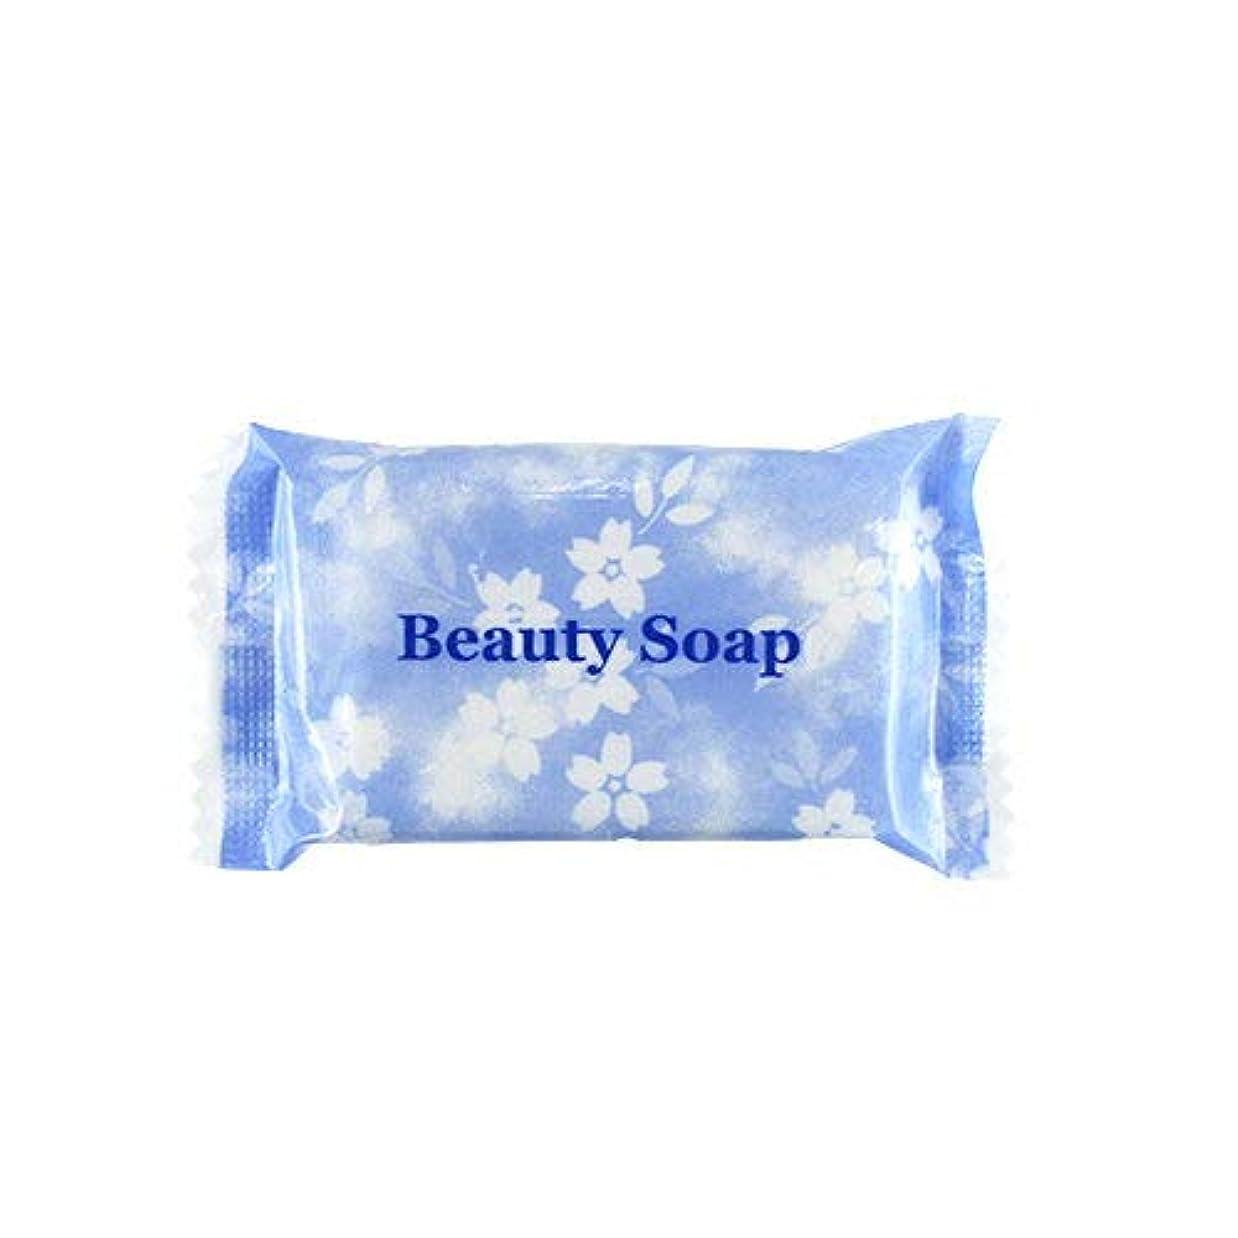 絶対のデコラティブ維持する業務用 クロバーコーポレーション ビューティーソープ(Beauty Soap) 15g×20個セット | ホテルアメニティ 個包装